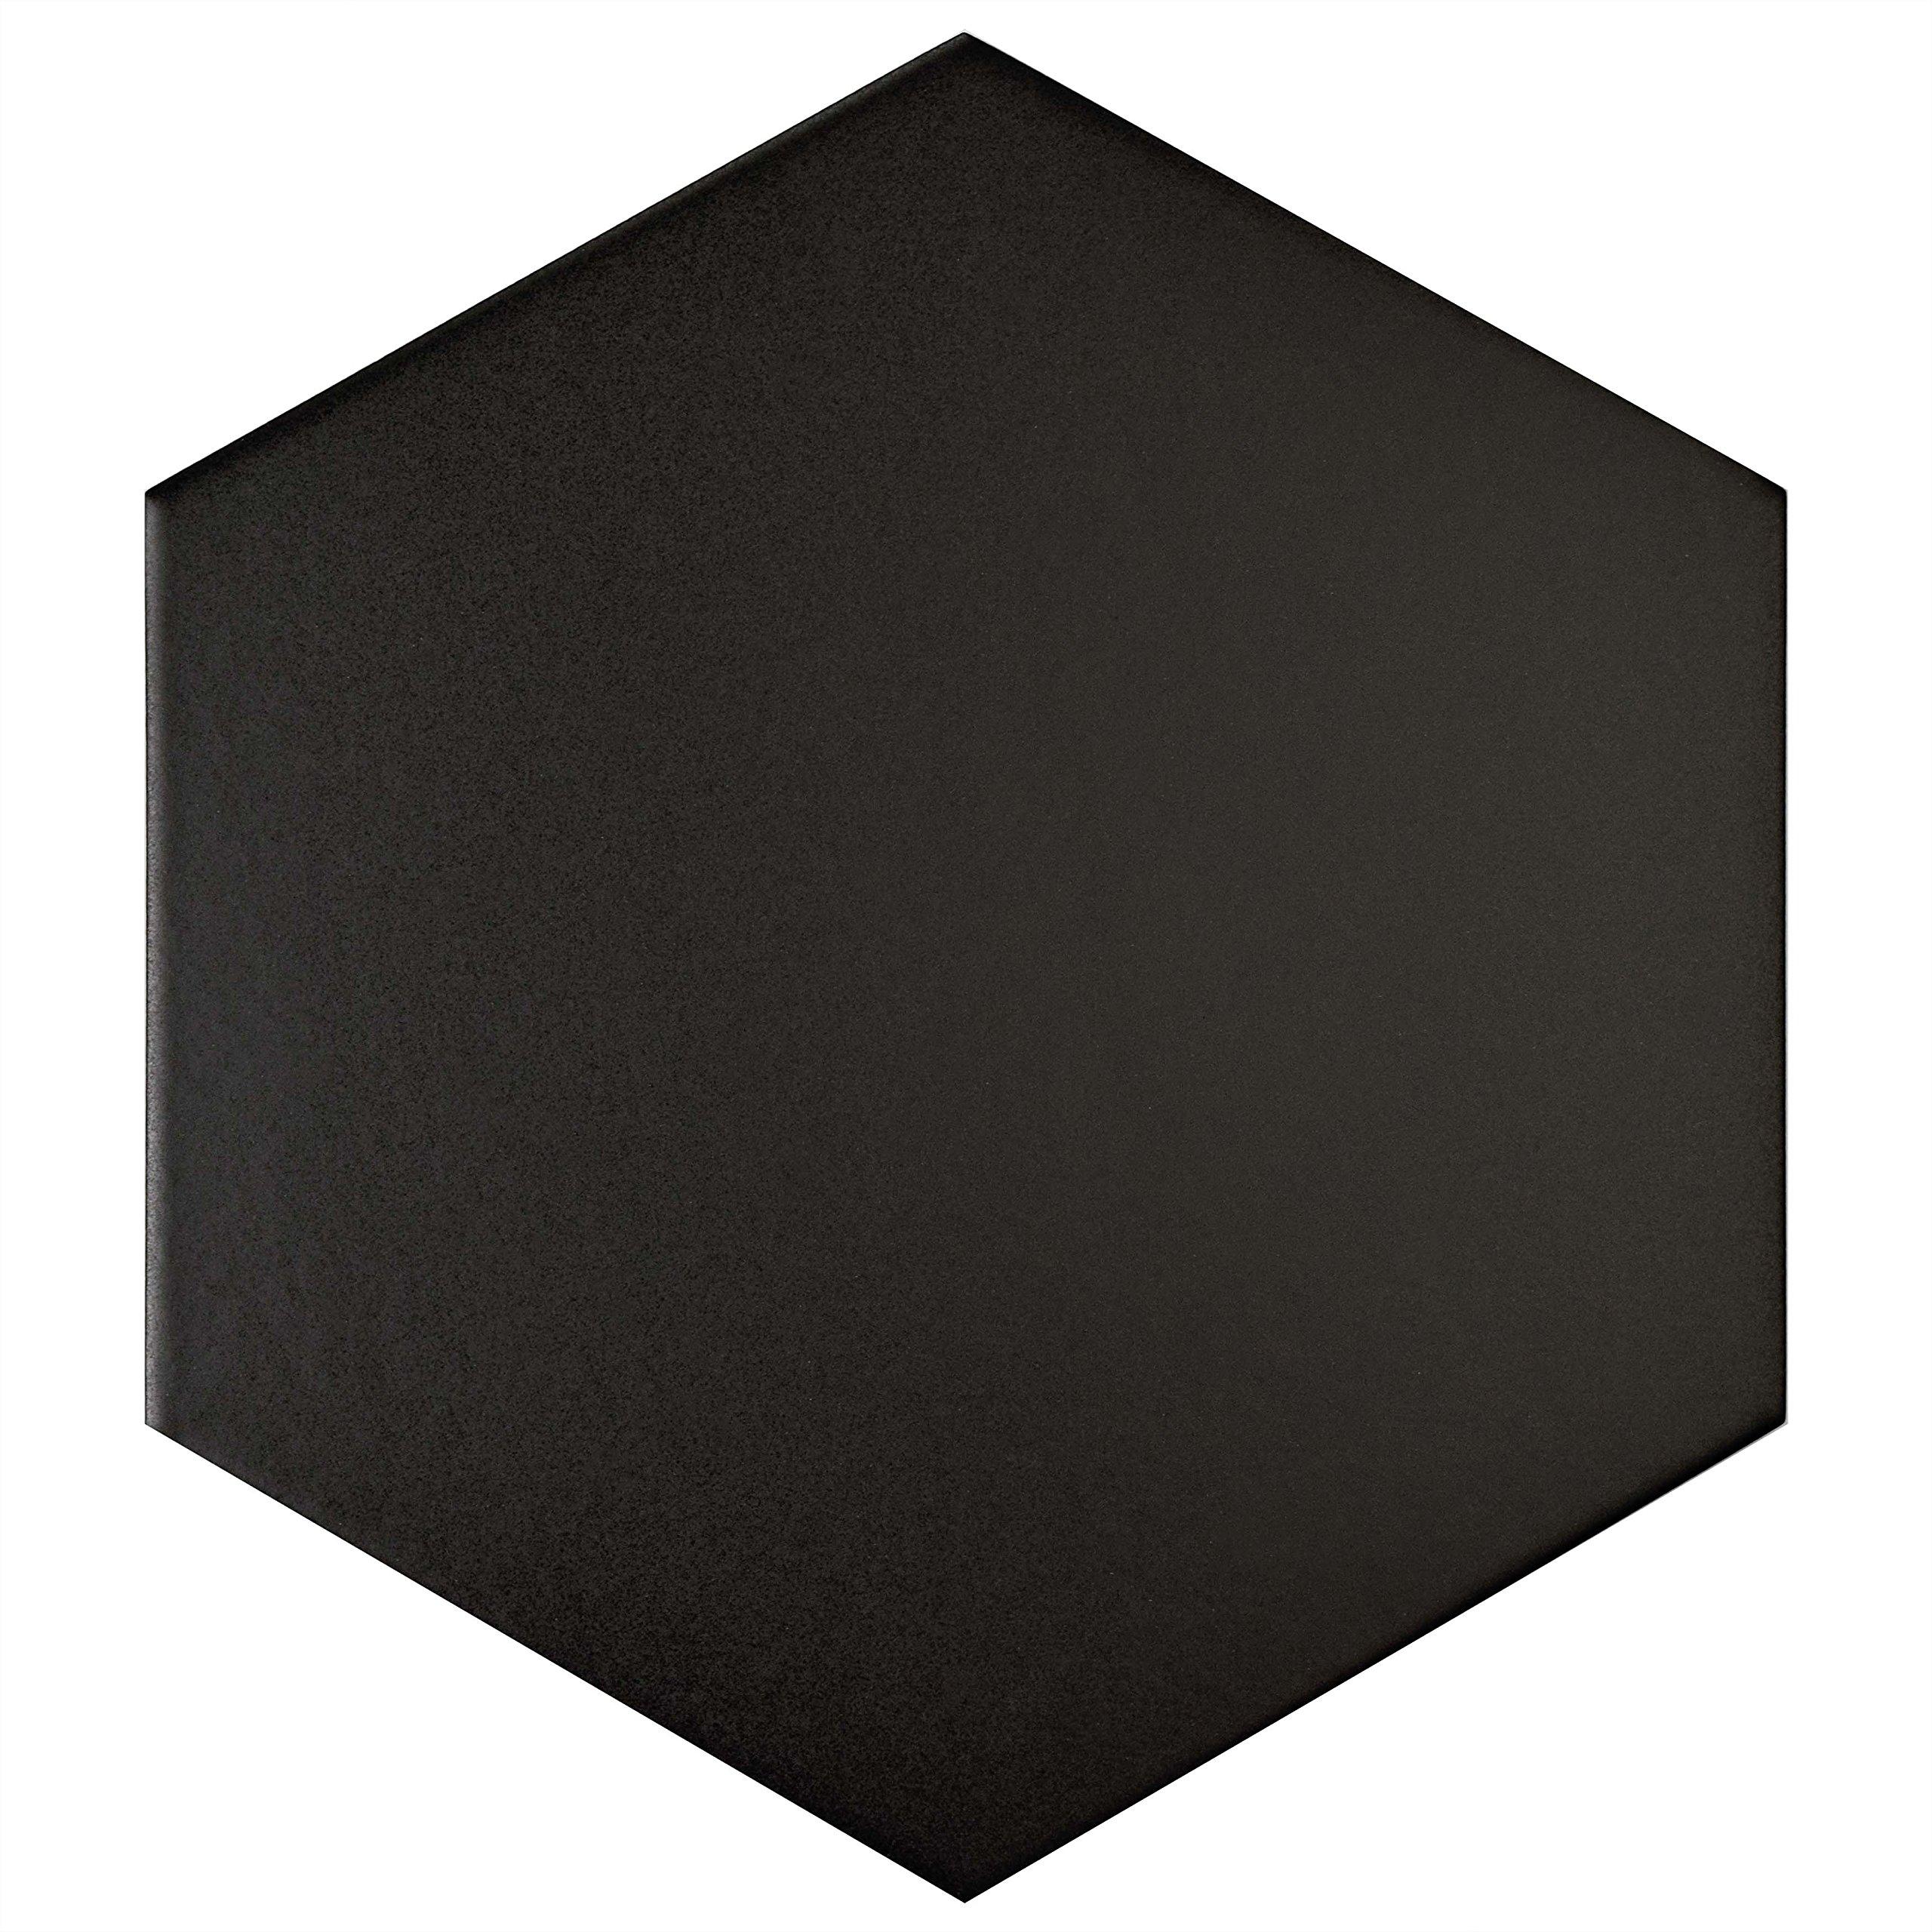 SomerTile FCD10BTX Abrique Hex Porcelain Floor and Wall Tile, 8.625'' x 9.875'', Black